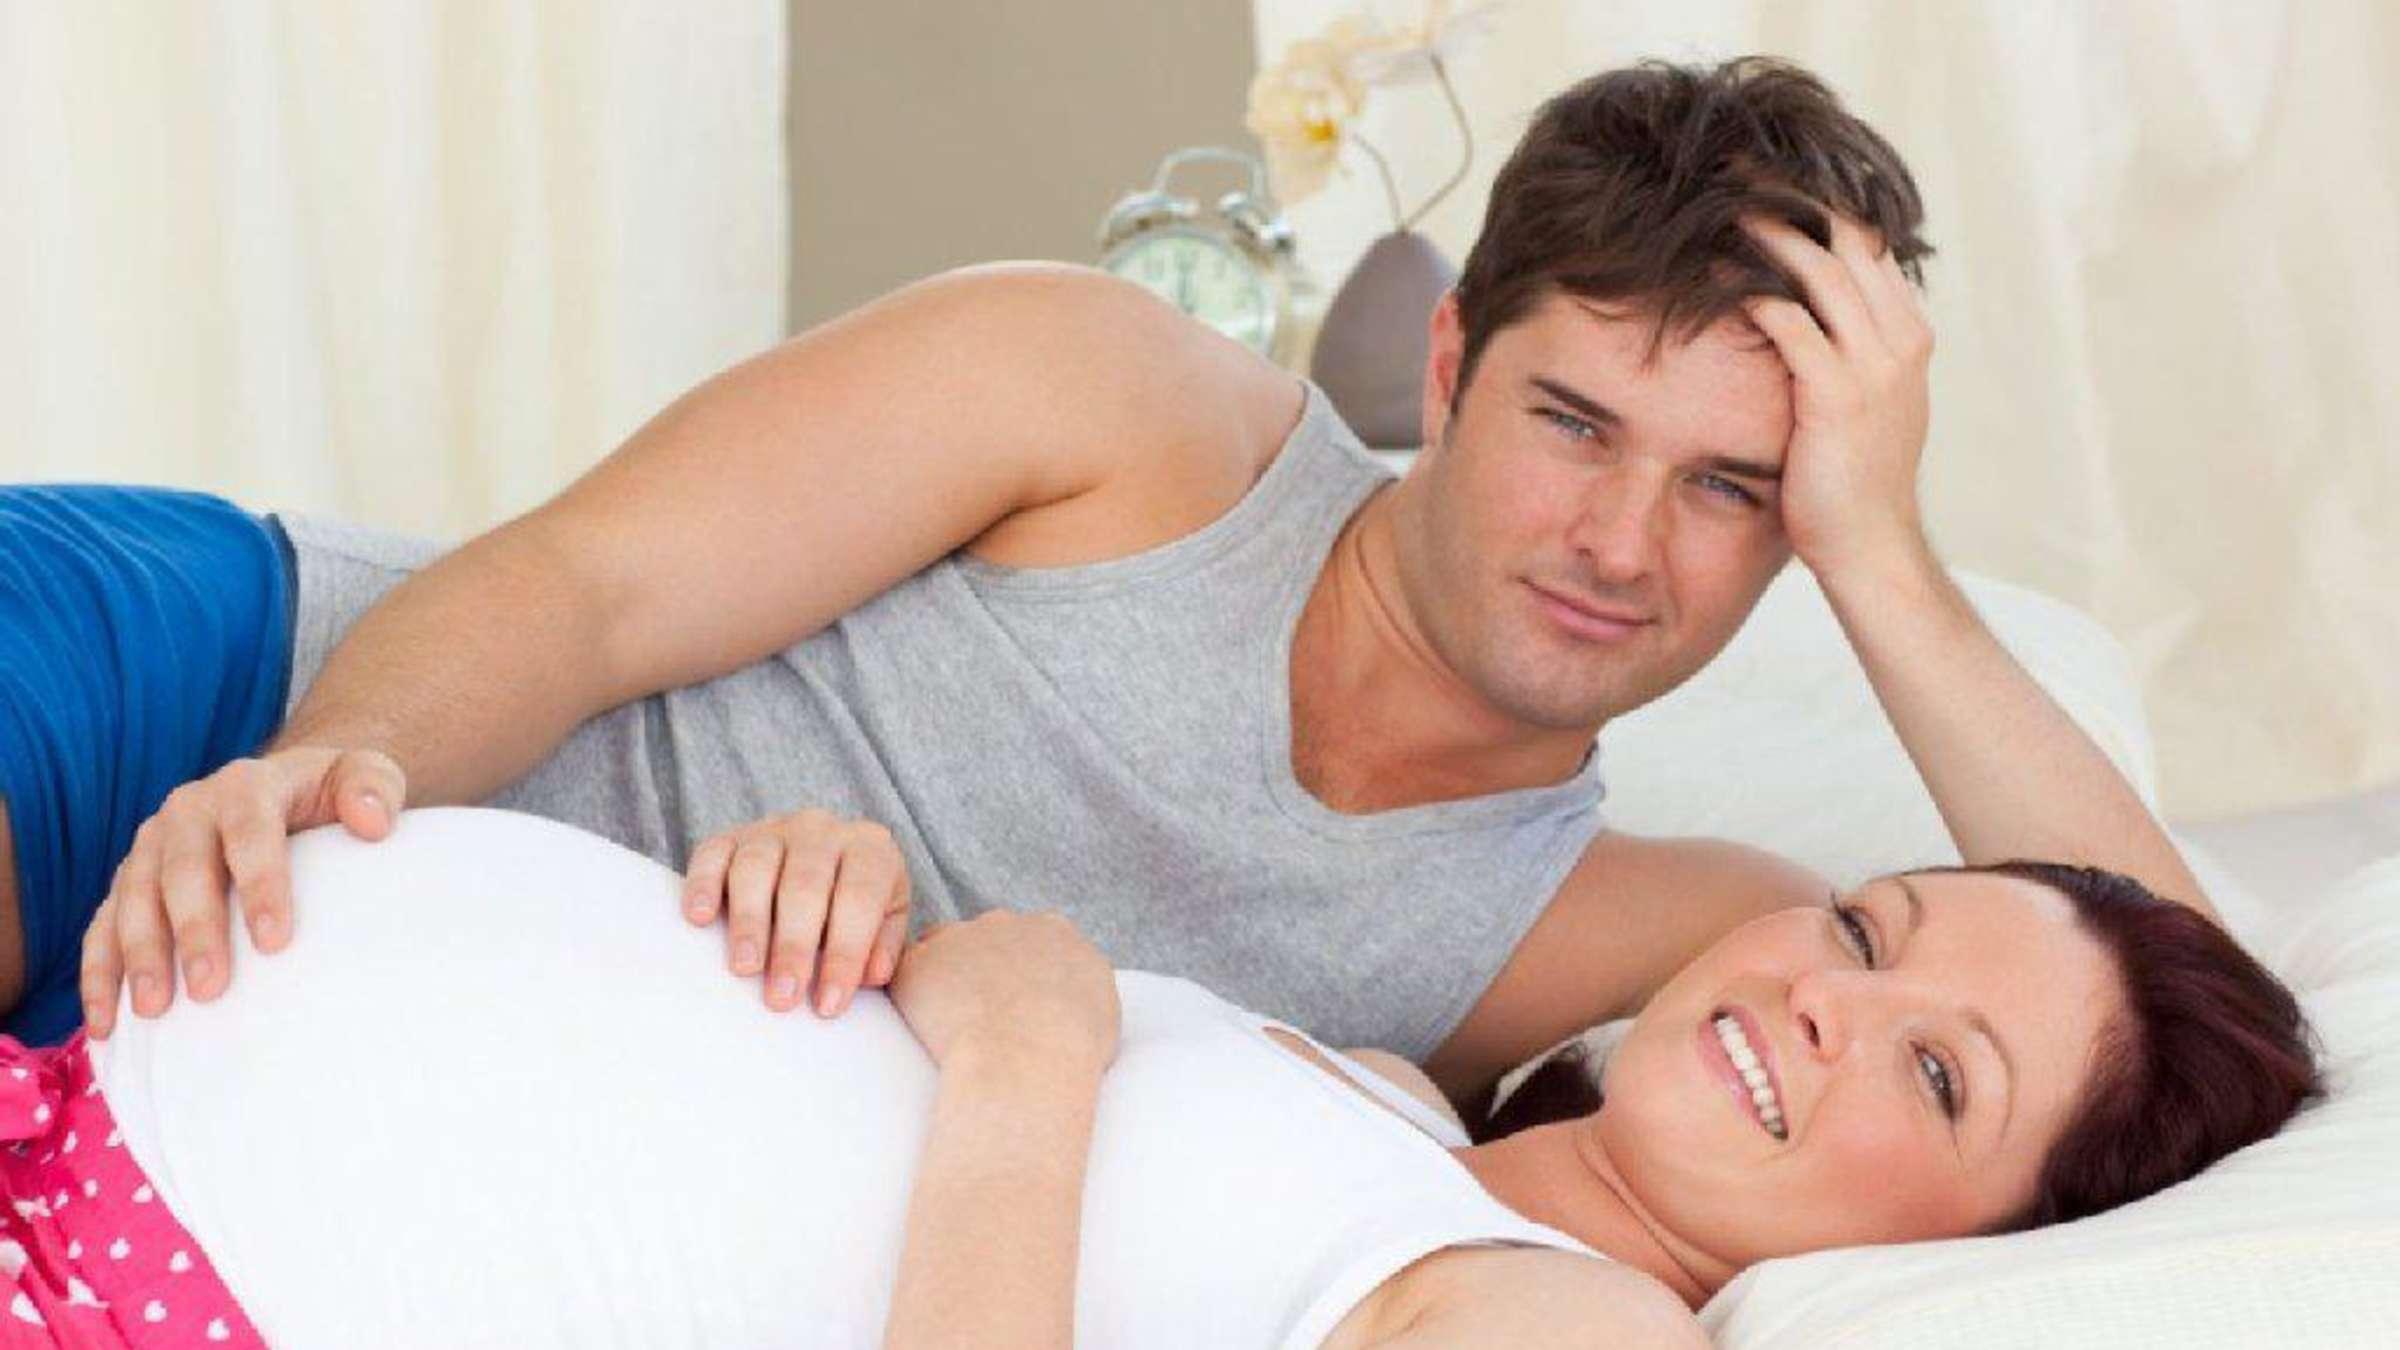 Kann man sex haben wenn man schwanger ist